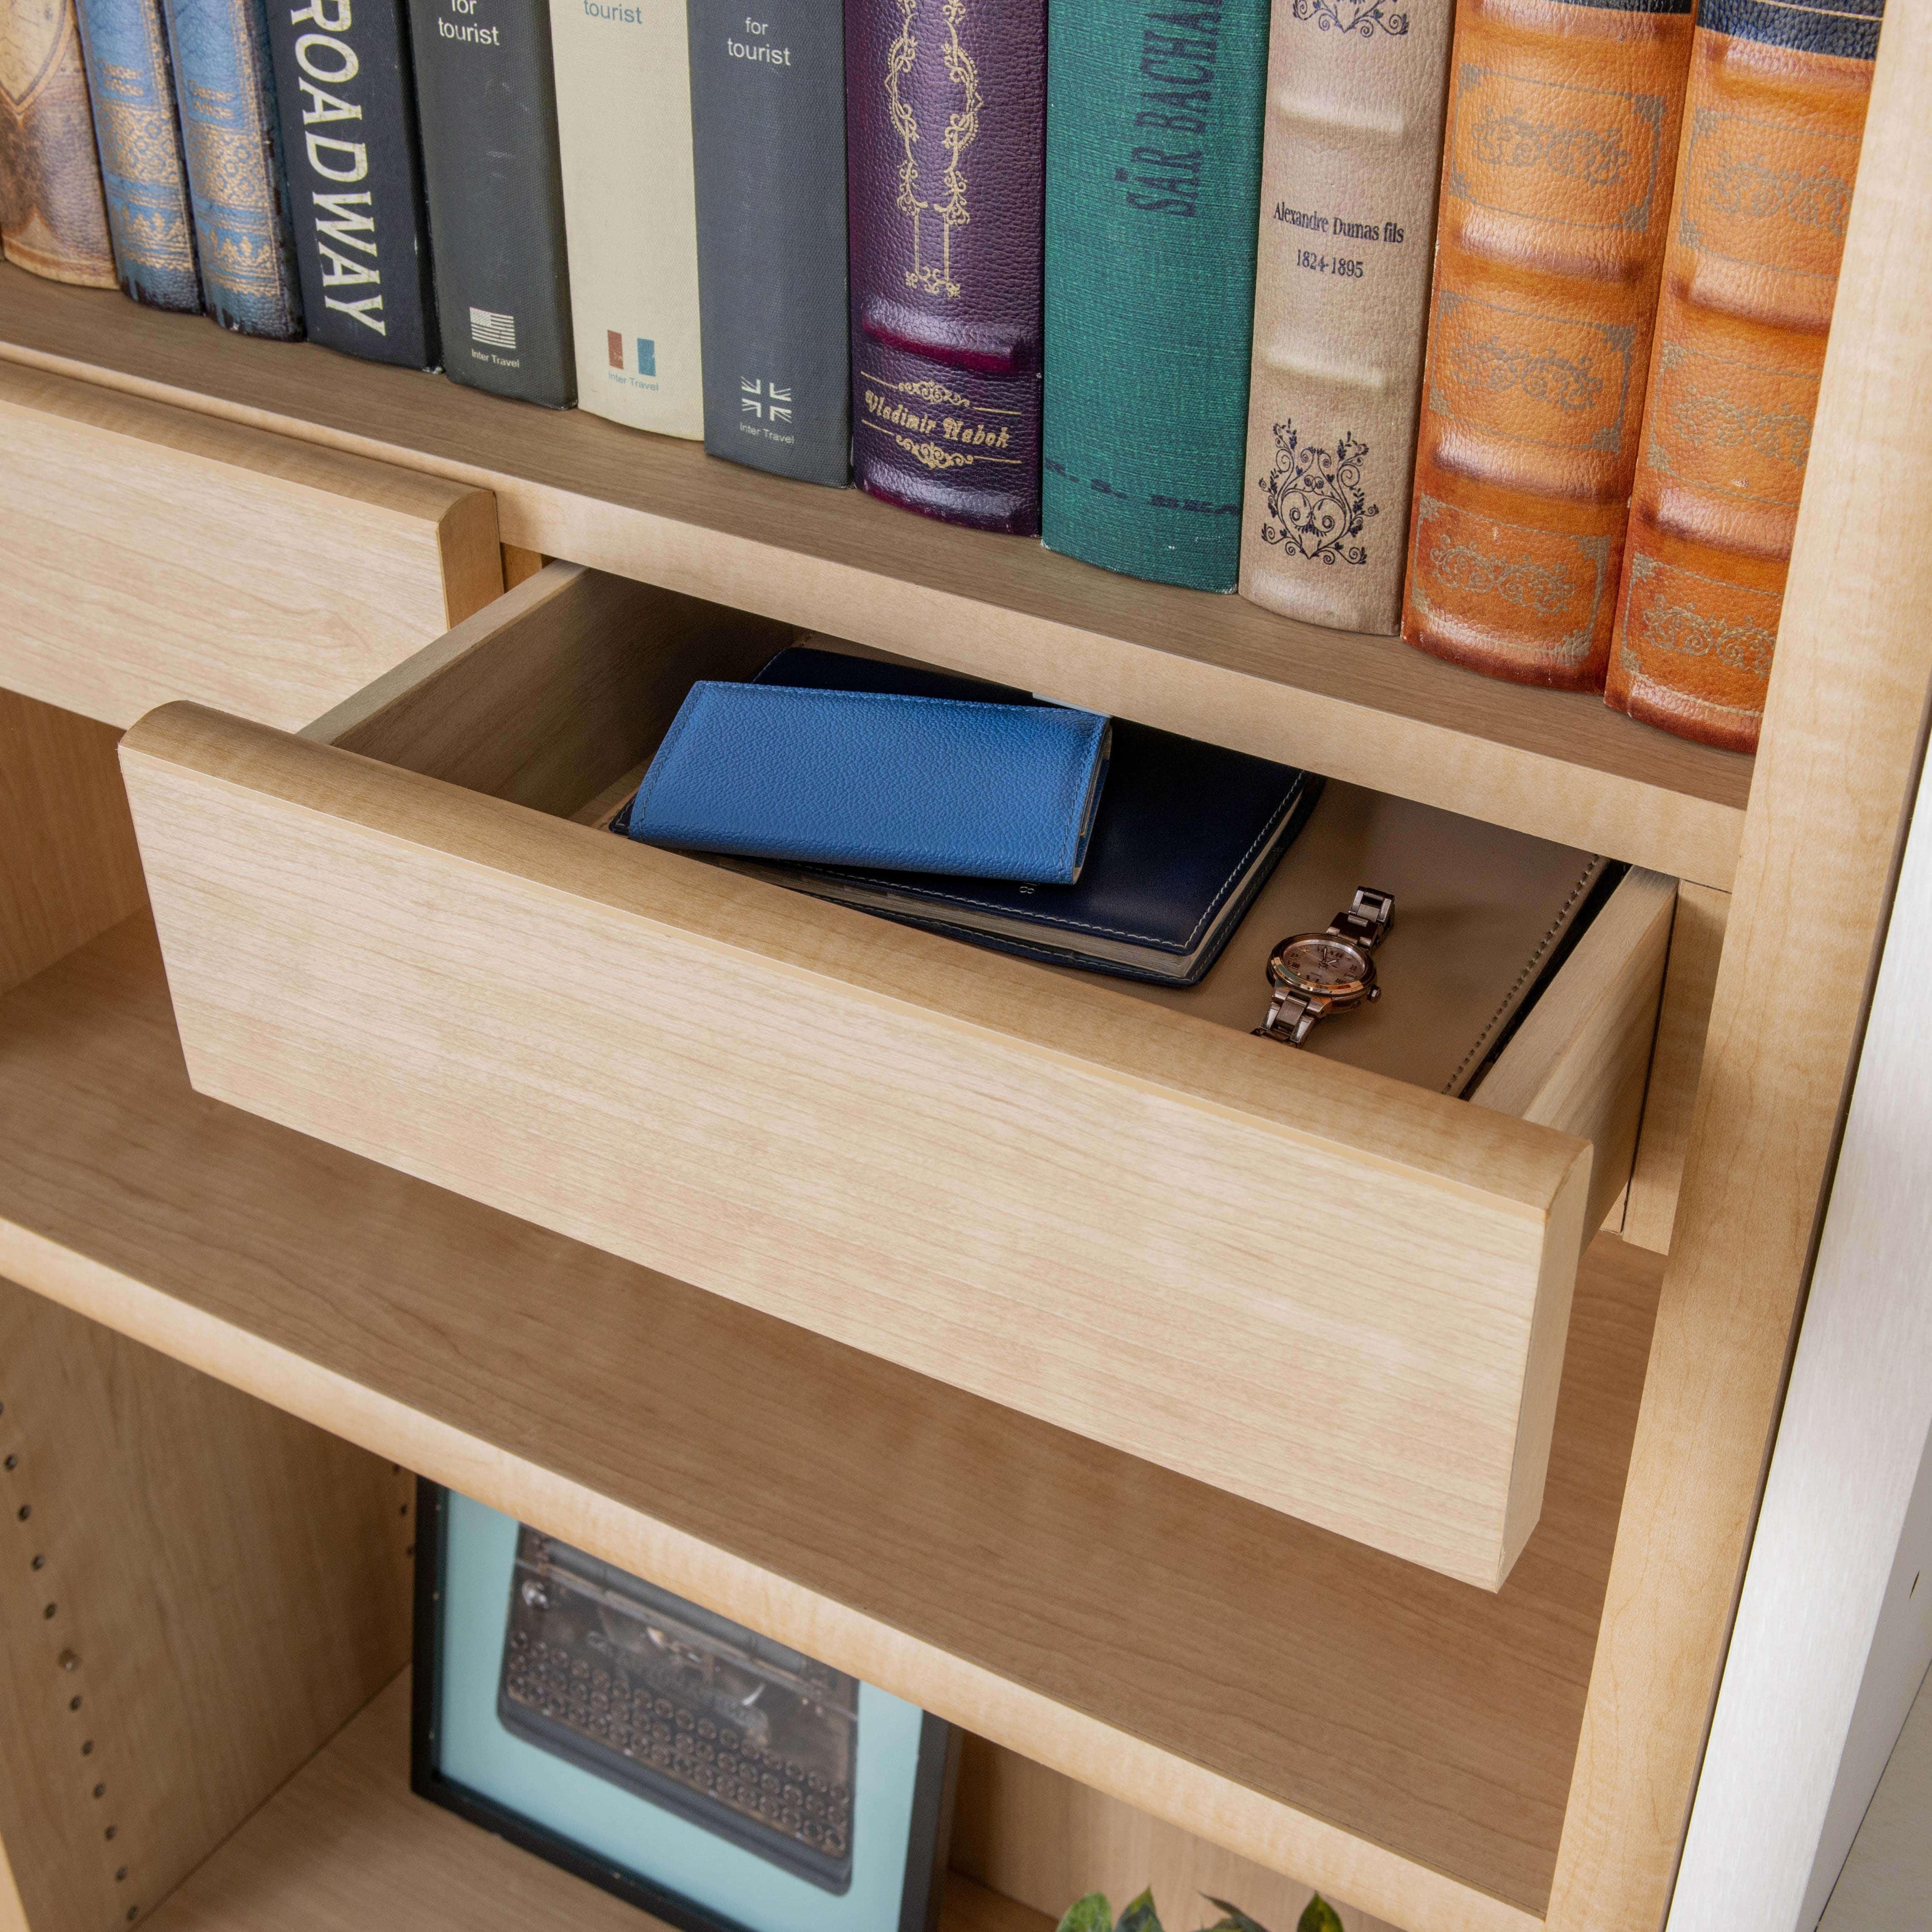 小島工芸 書棚 アコード105L(チェリーナチュラル):収納の幅を広げるオプション引き出し